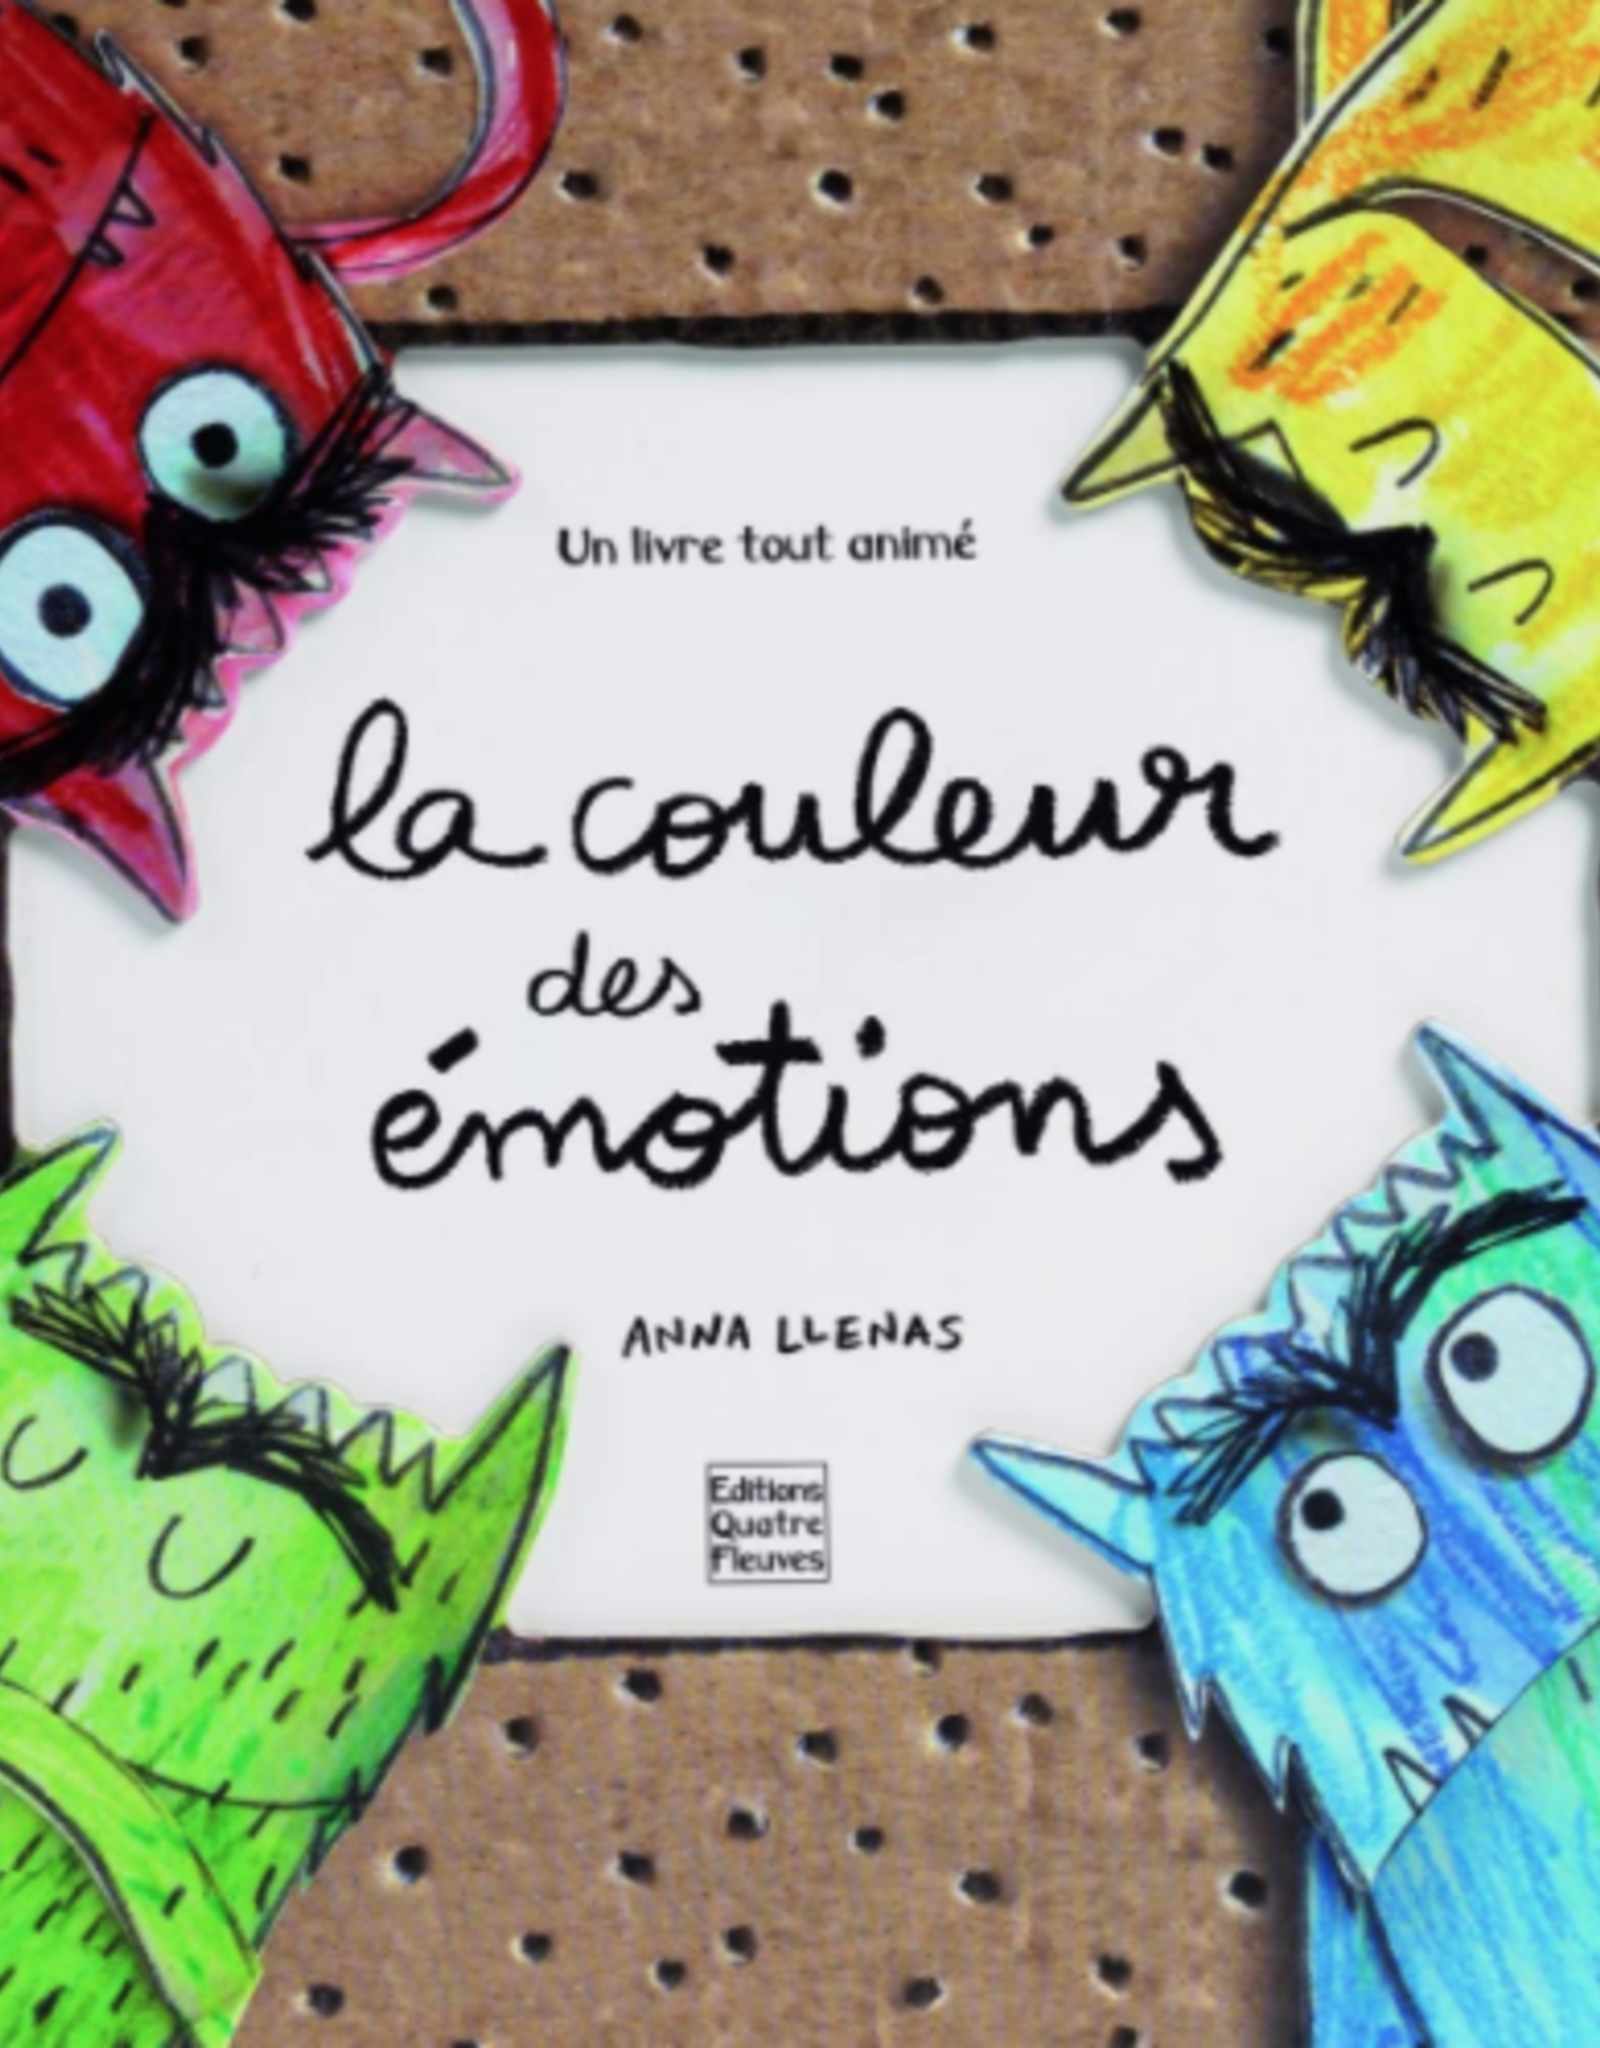 La Couleur des Emotions - Anna Llenas